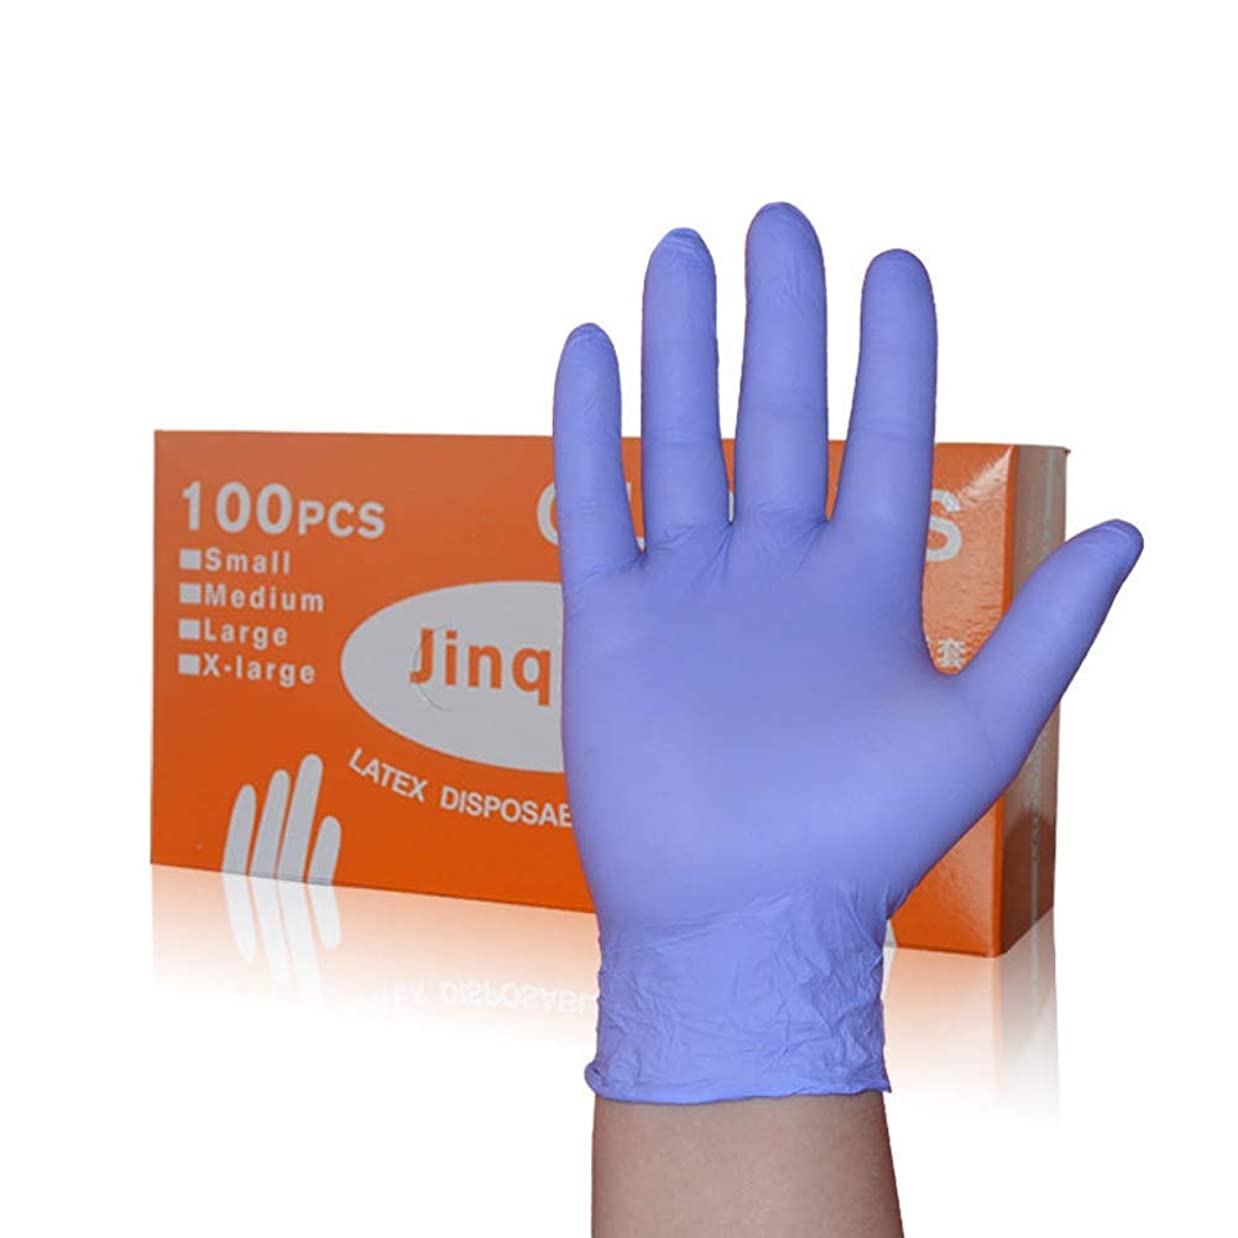 ダメージ暴行サッカー箱入りA級Dingqing使い捨て手袋食品キッチンケータリング家事歯科手袋 YANW (色 : 紫の, サイズ さいず : L l)